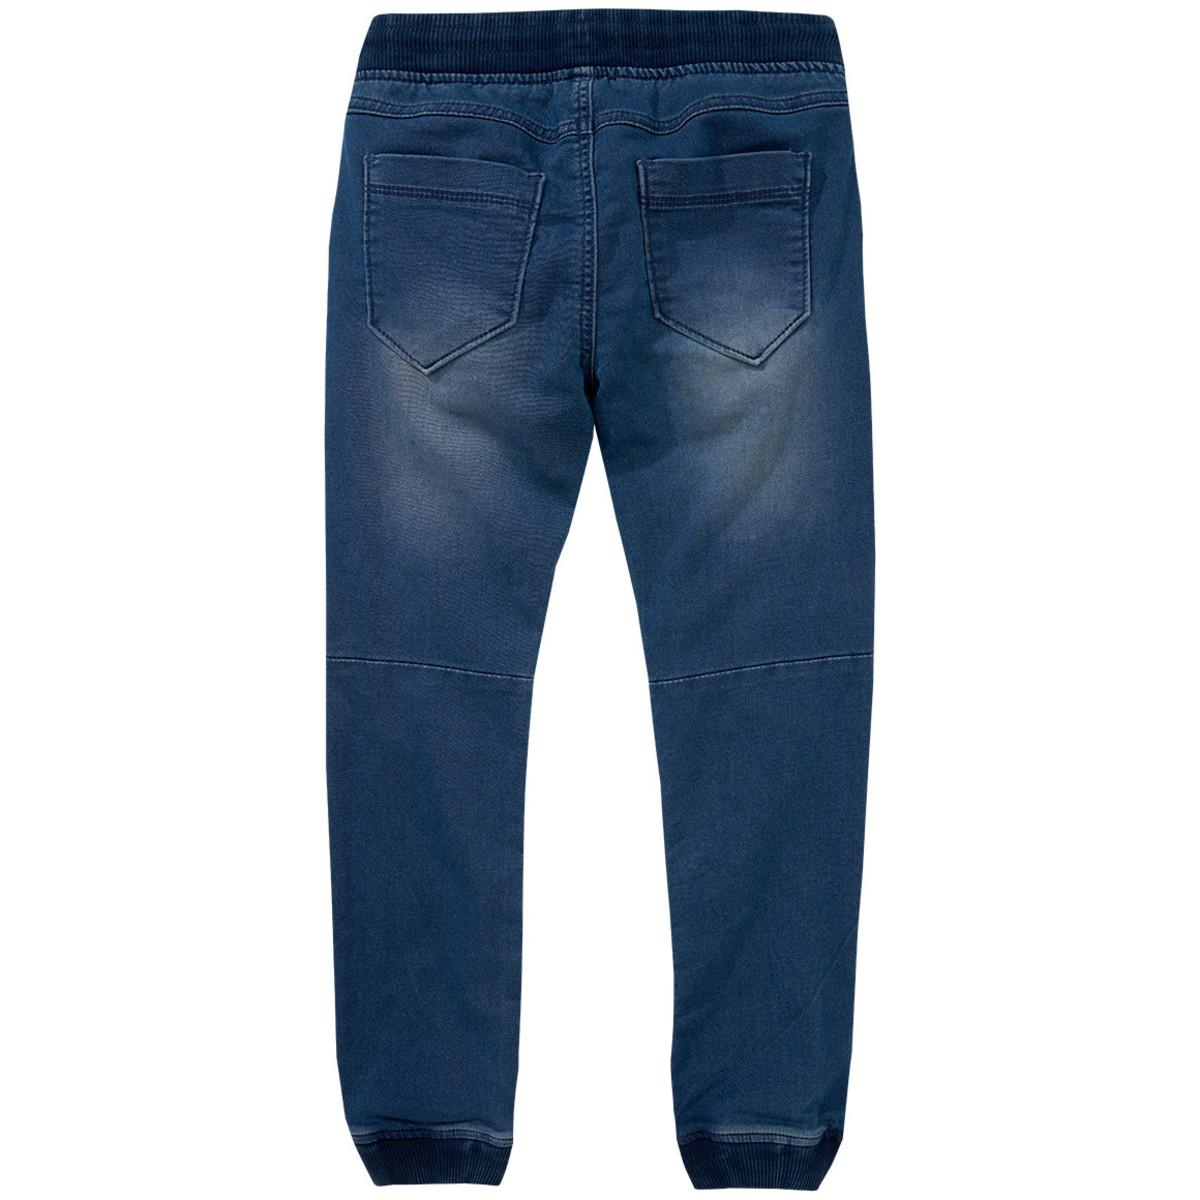 Bild 2 von Jungen Pull-on Jeans in Used-Waschung